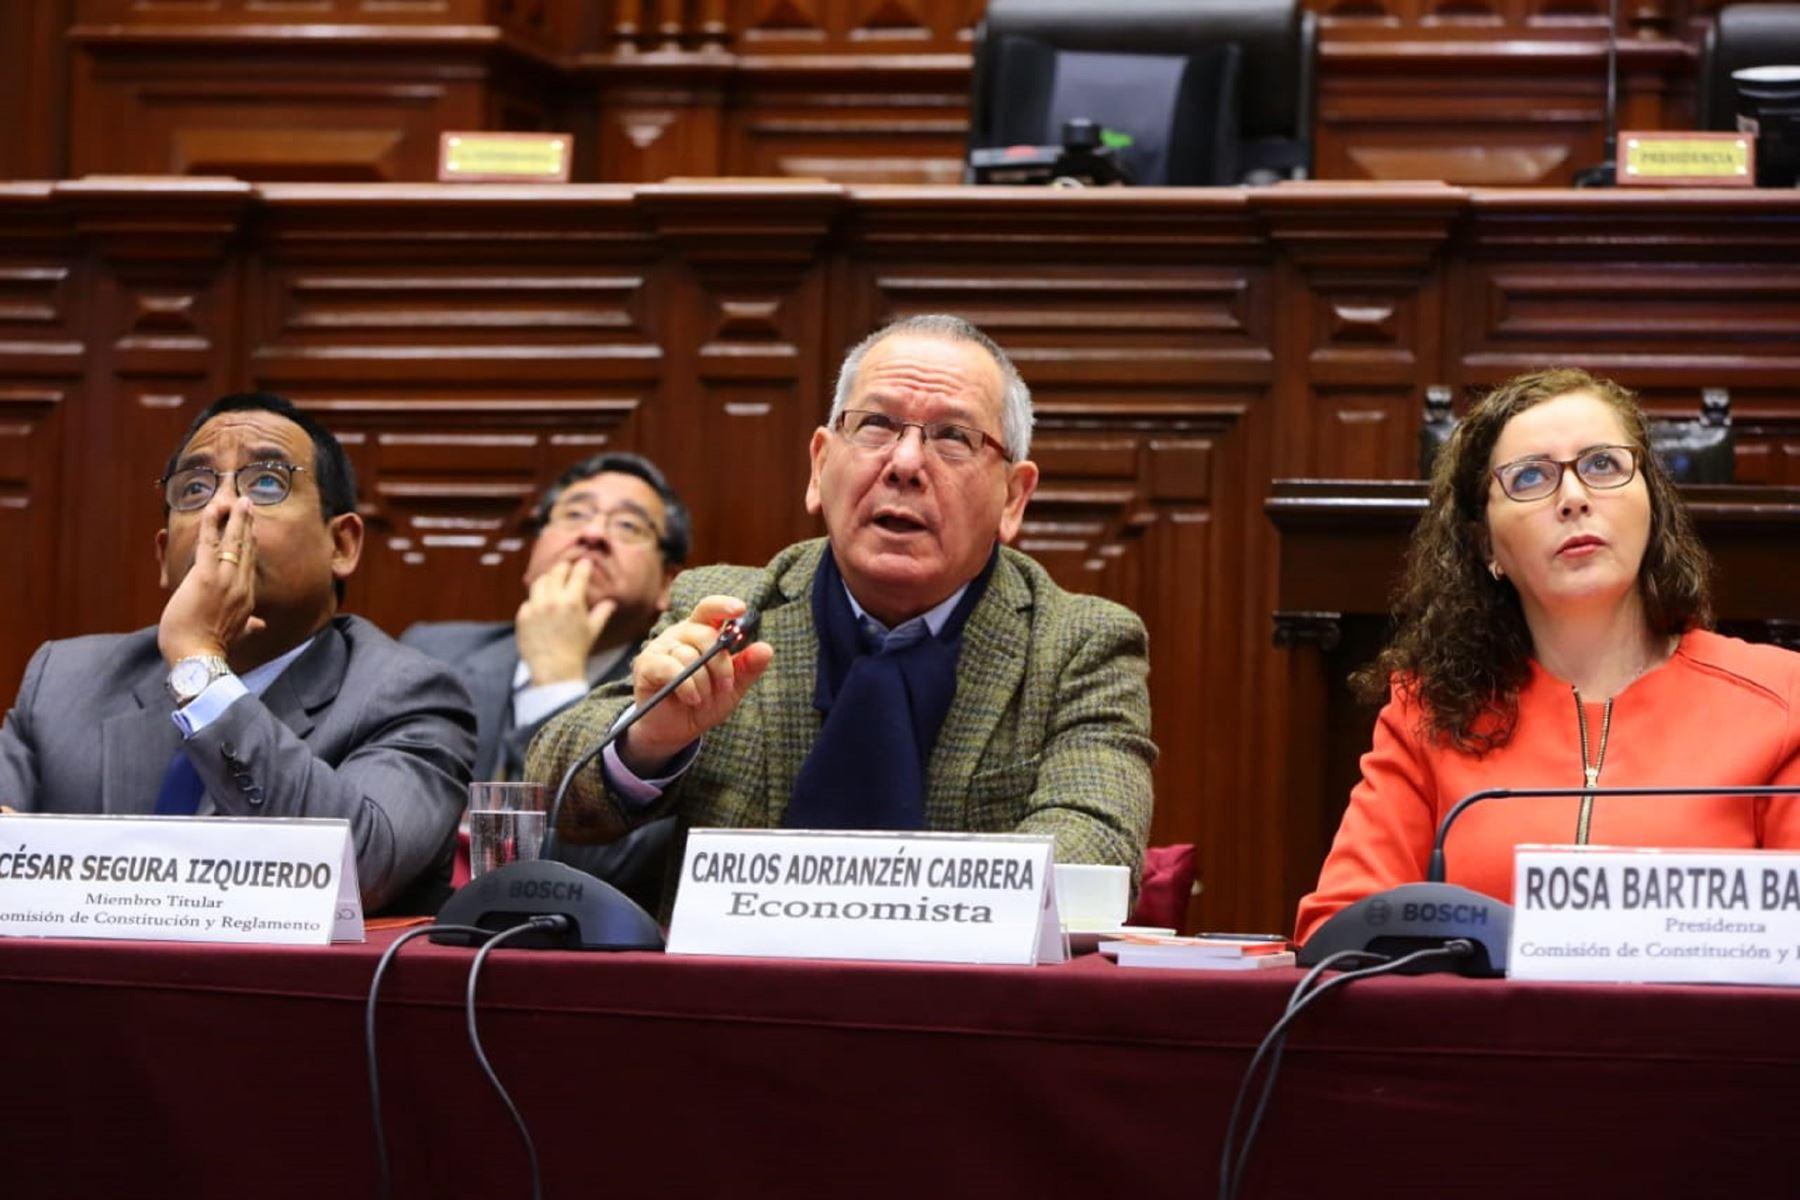 Foto: Comisión de Constitución.